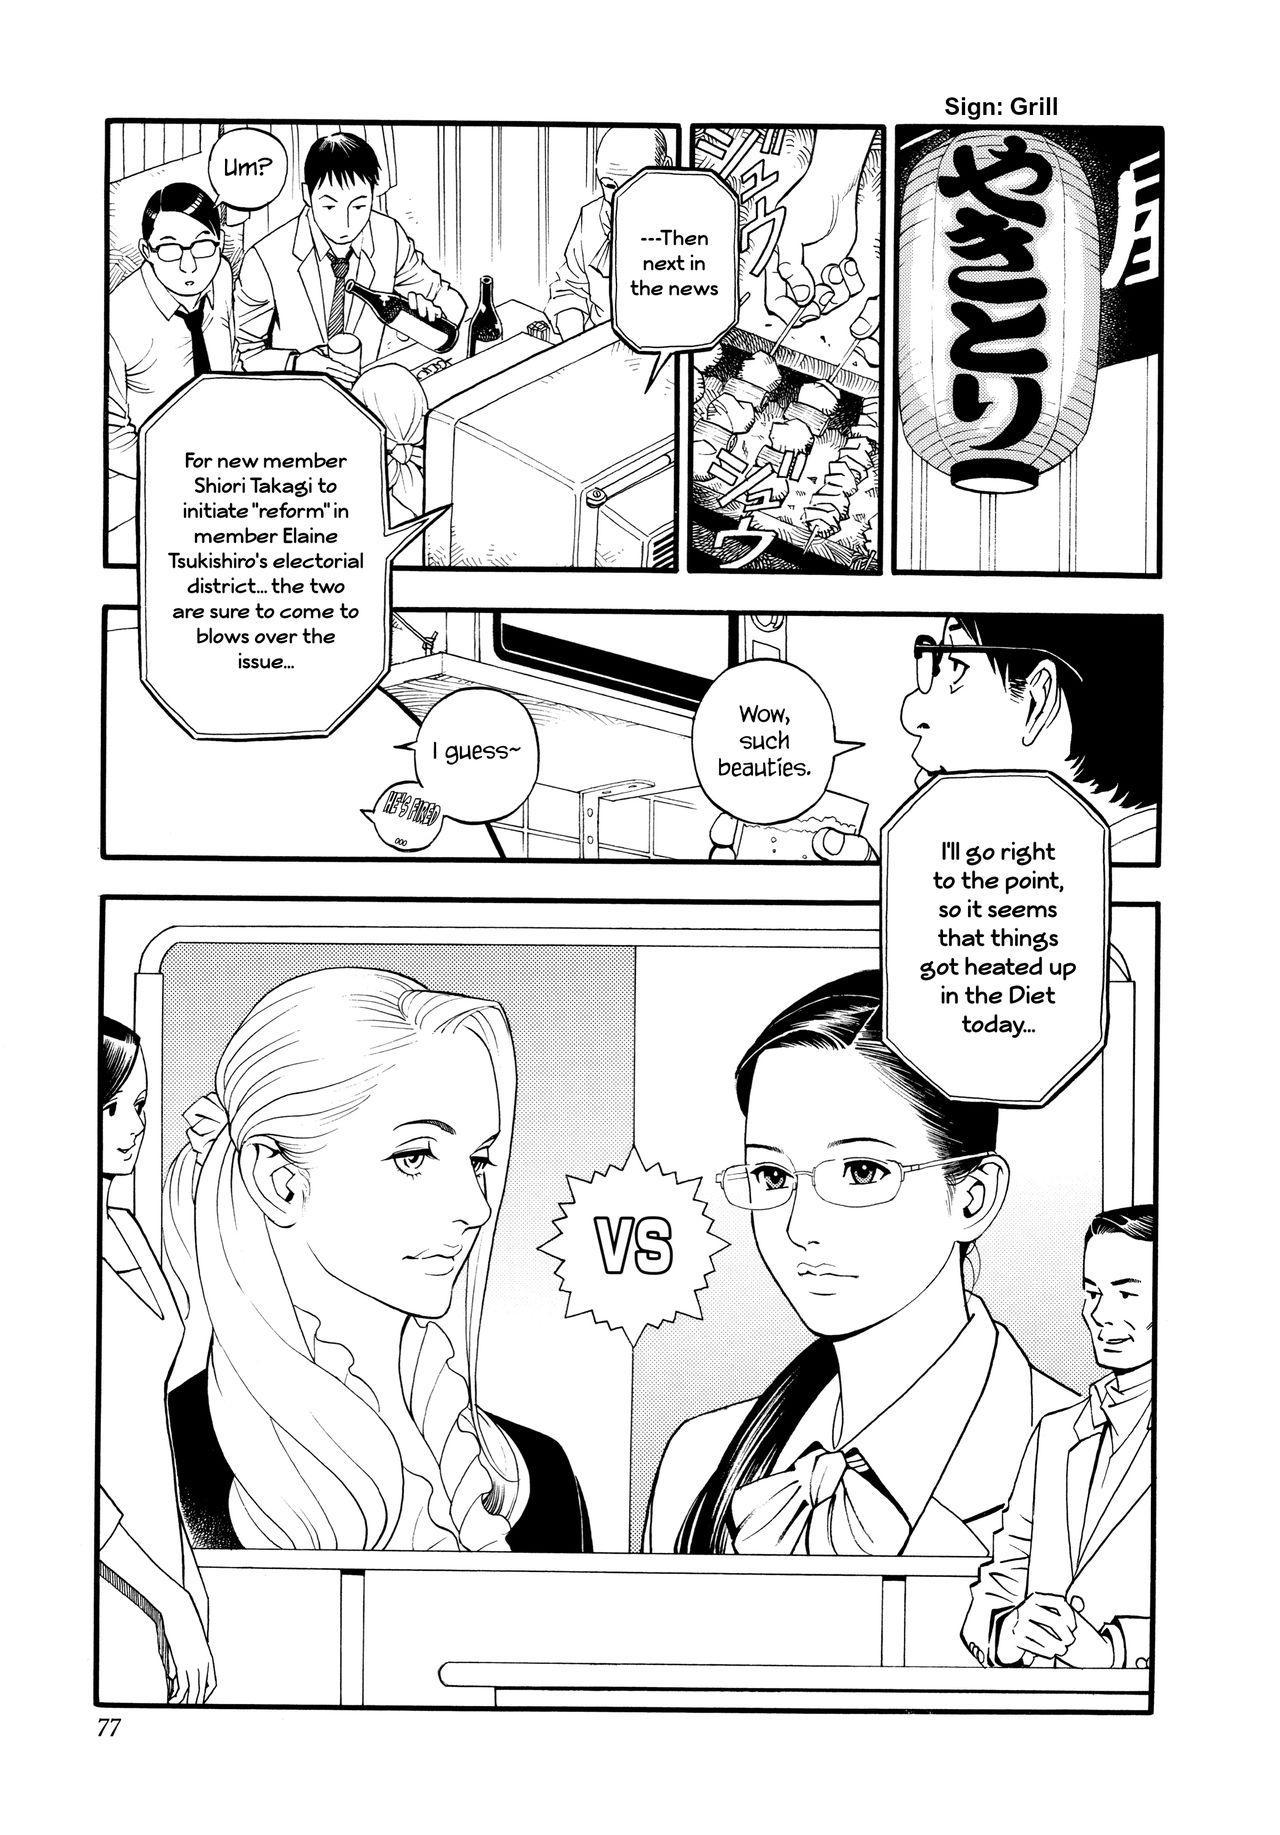 InY Akajuutan + Omake 77